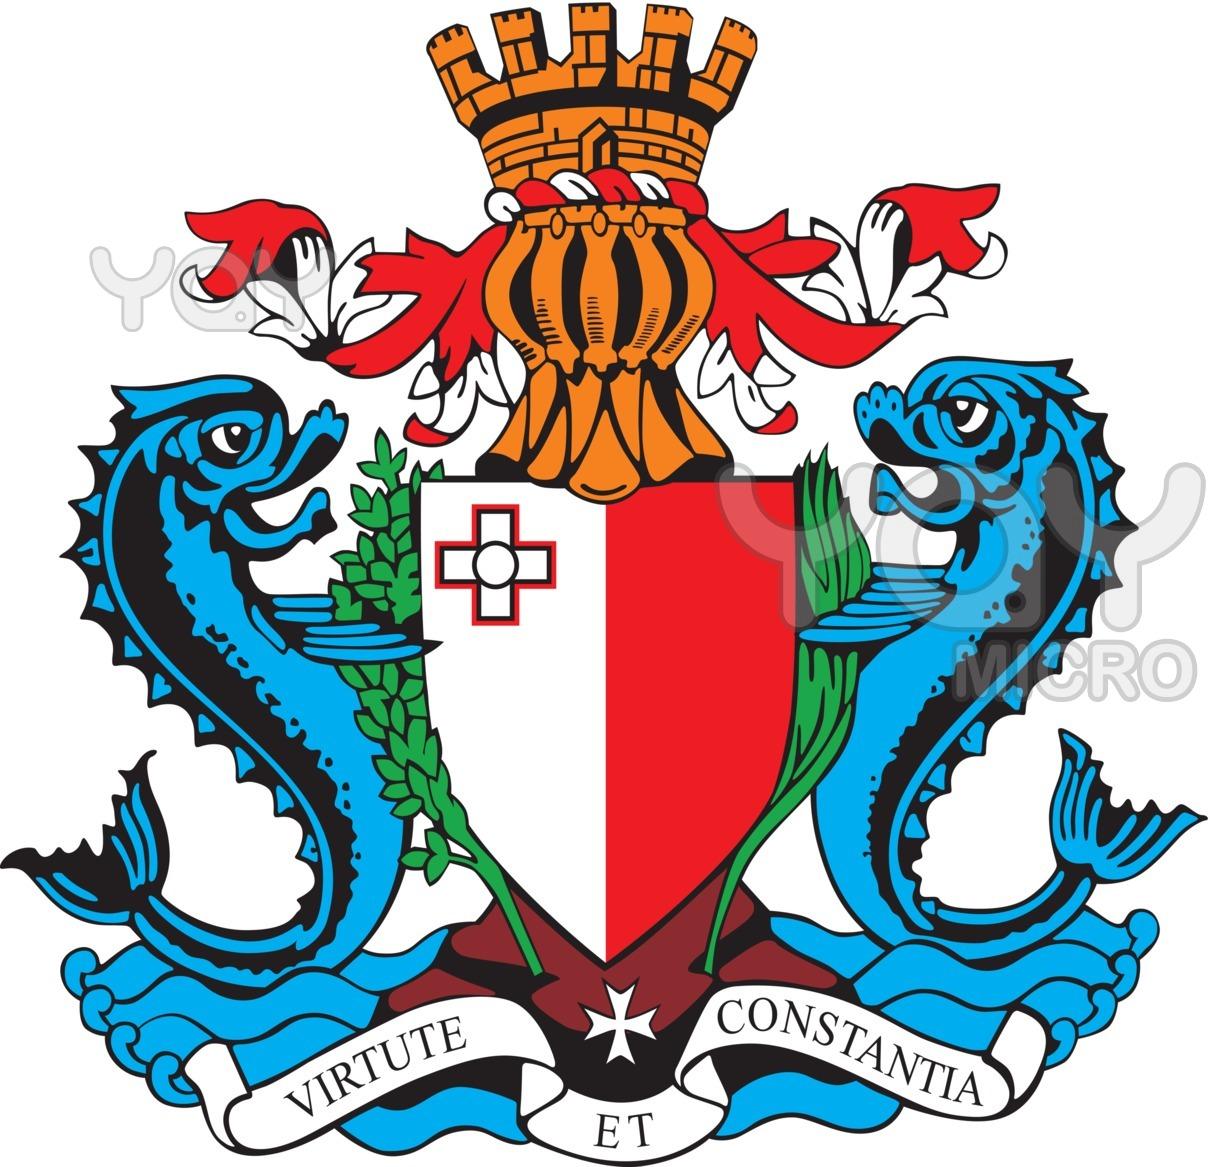 Σύμβολα καὶ οἰκόσημα...39 Μάλτα